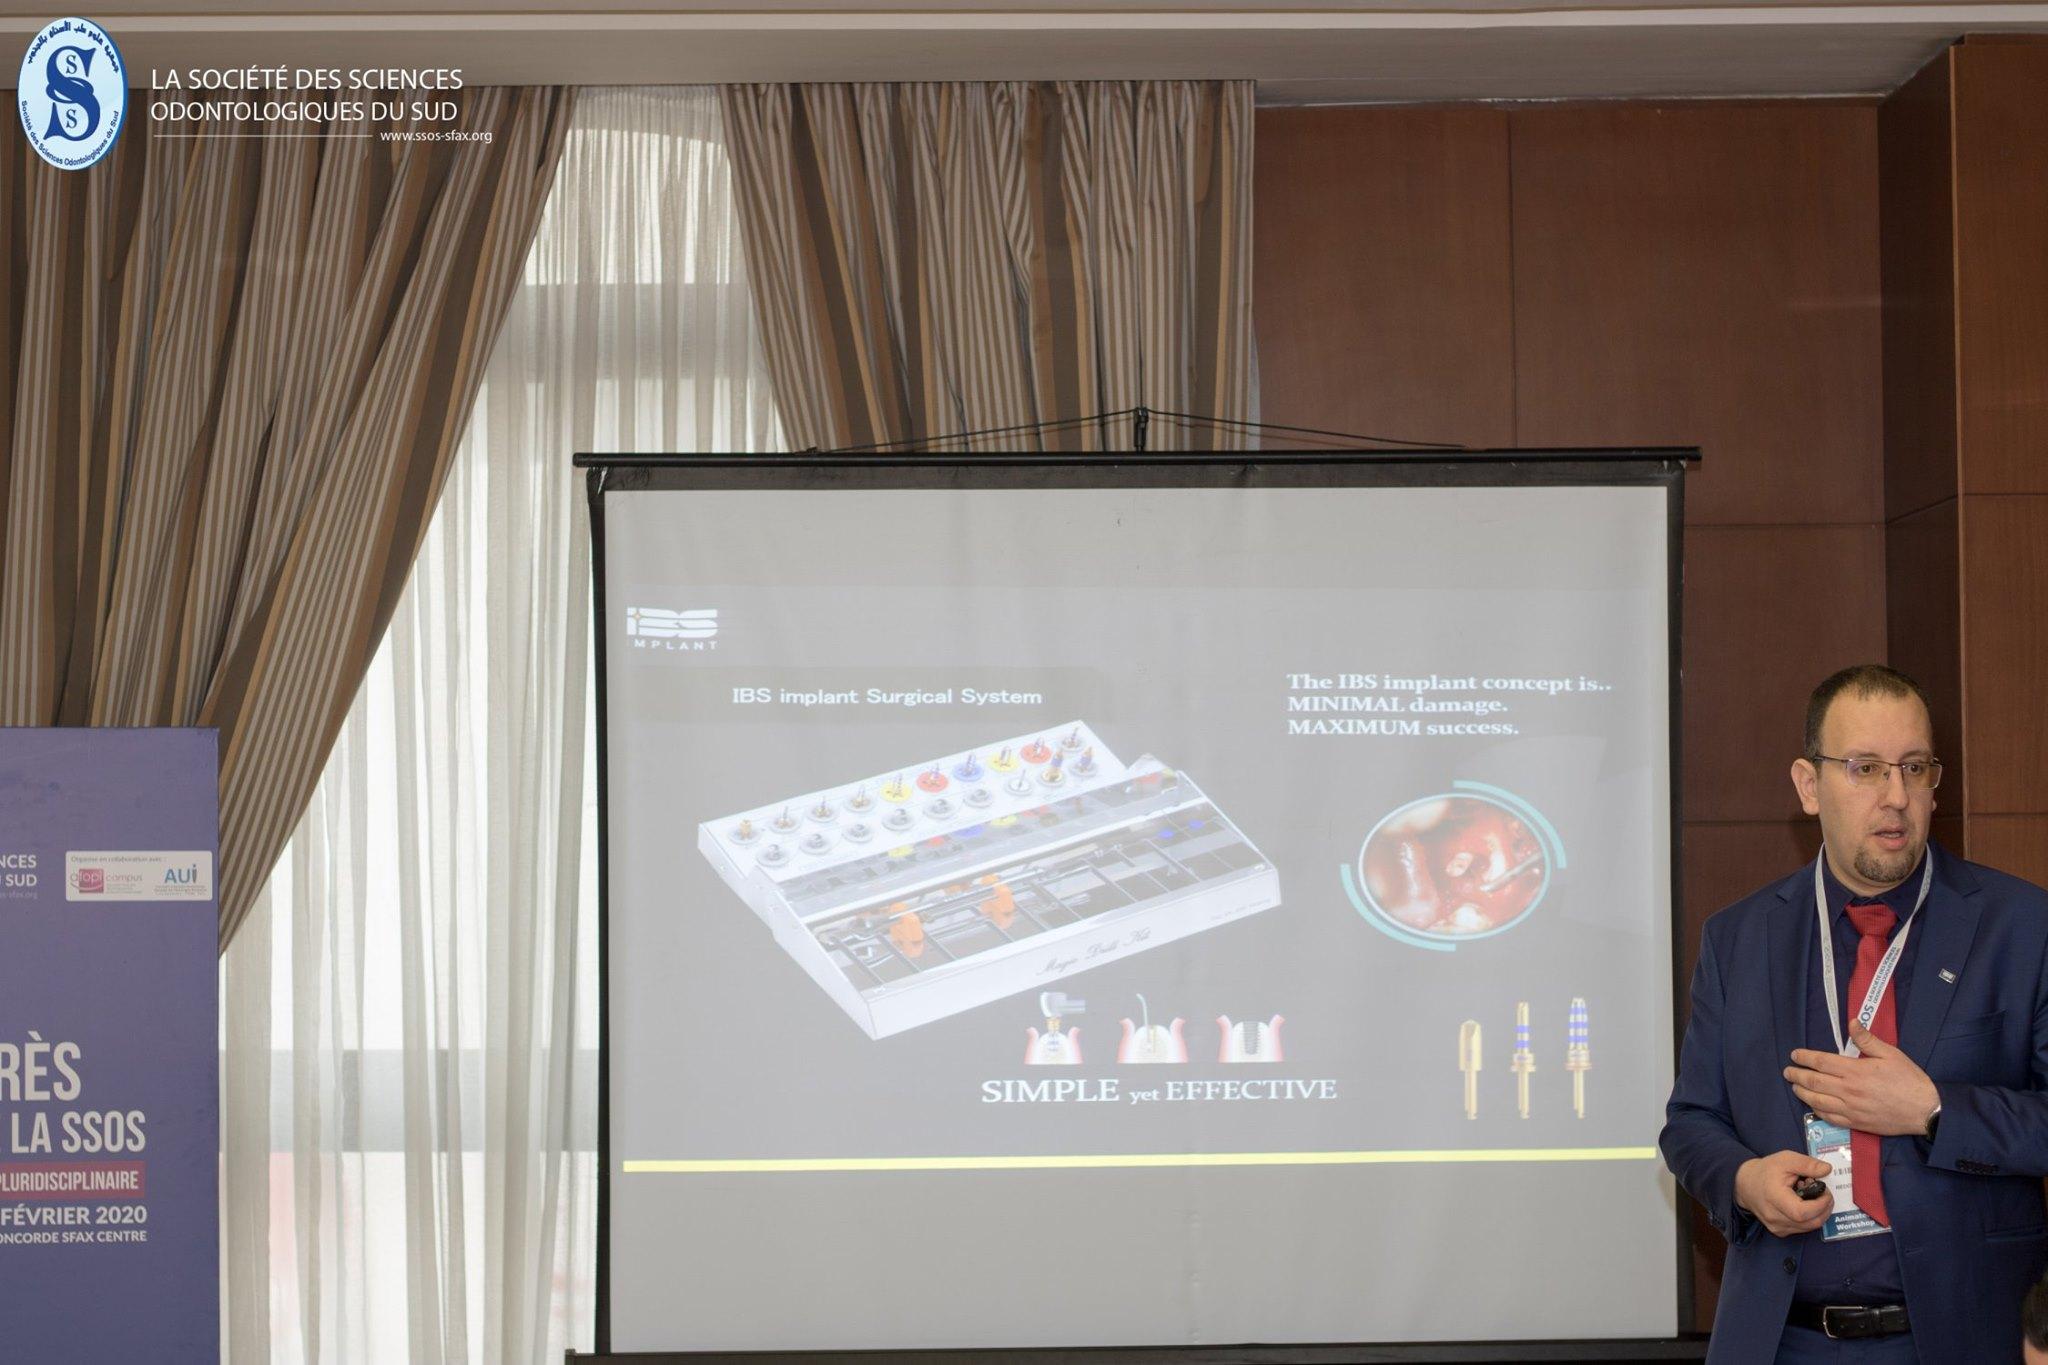 Dr touri présente son atelier sur la planification implantaire au 7ème congrès de la SSOS en Tunisie